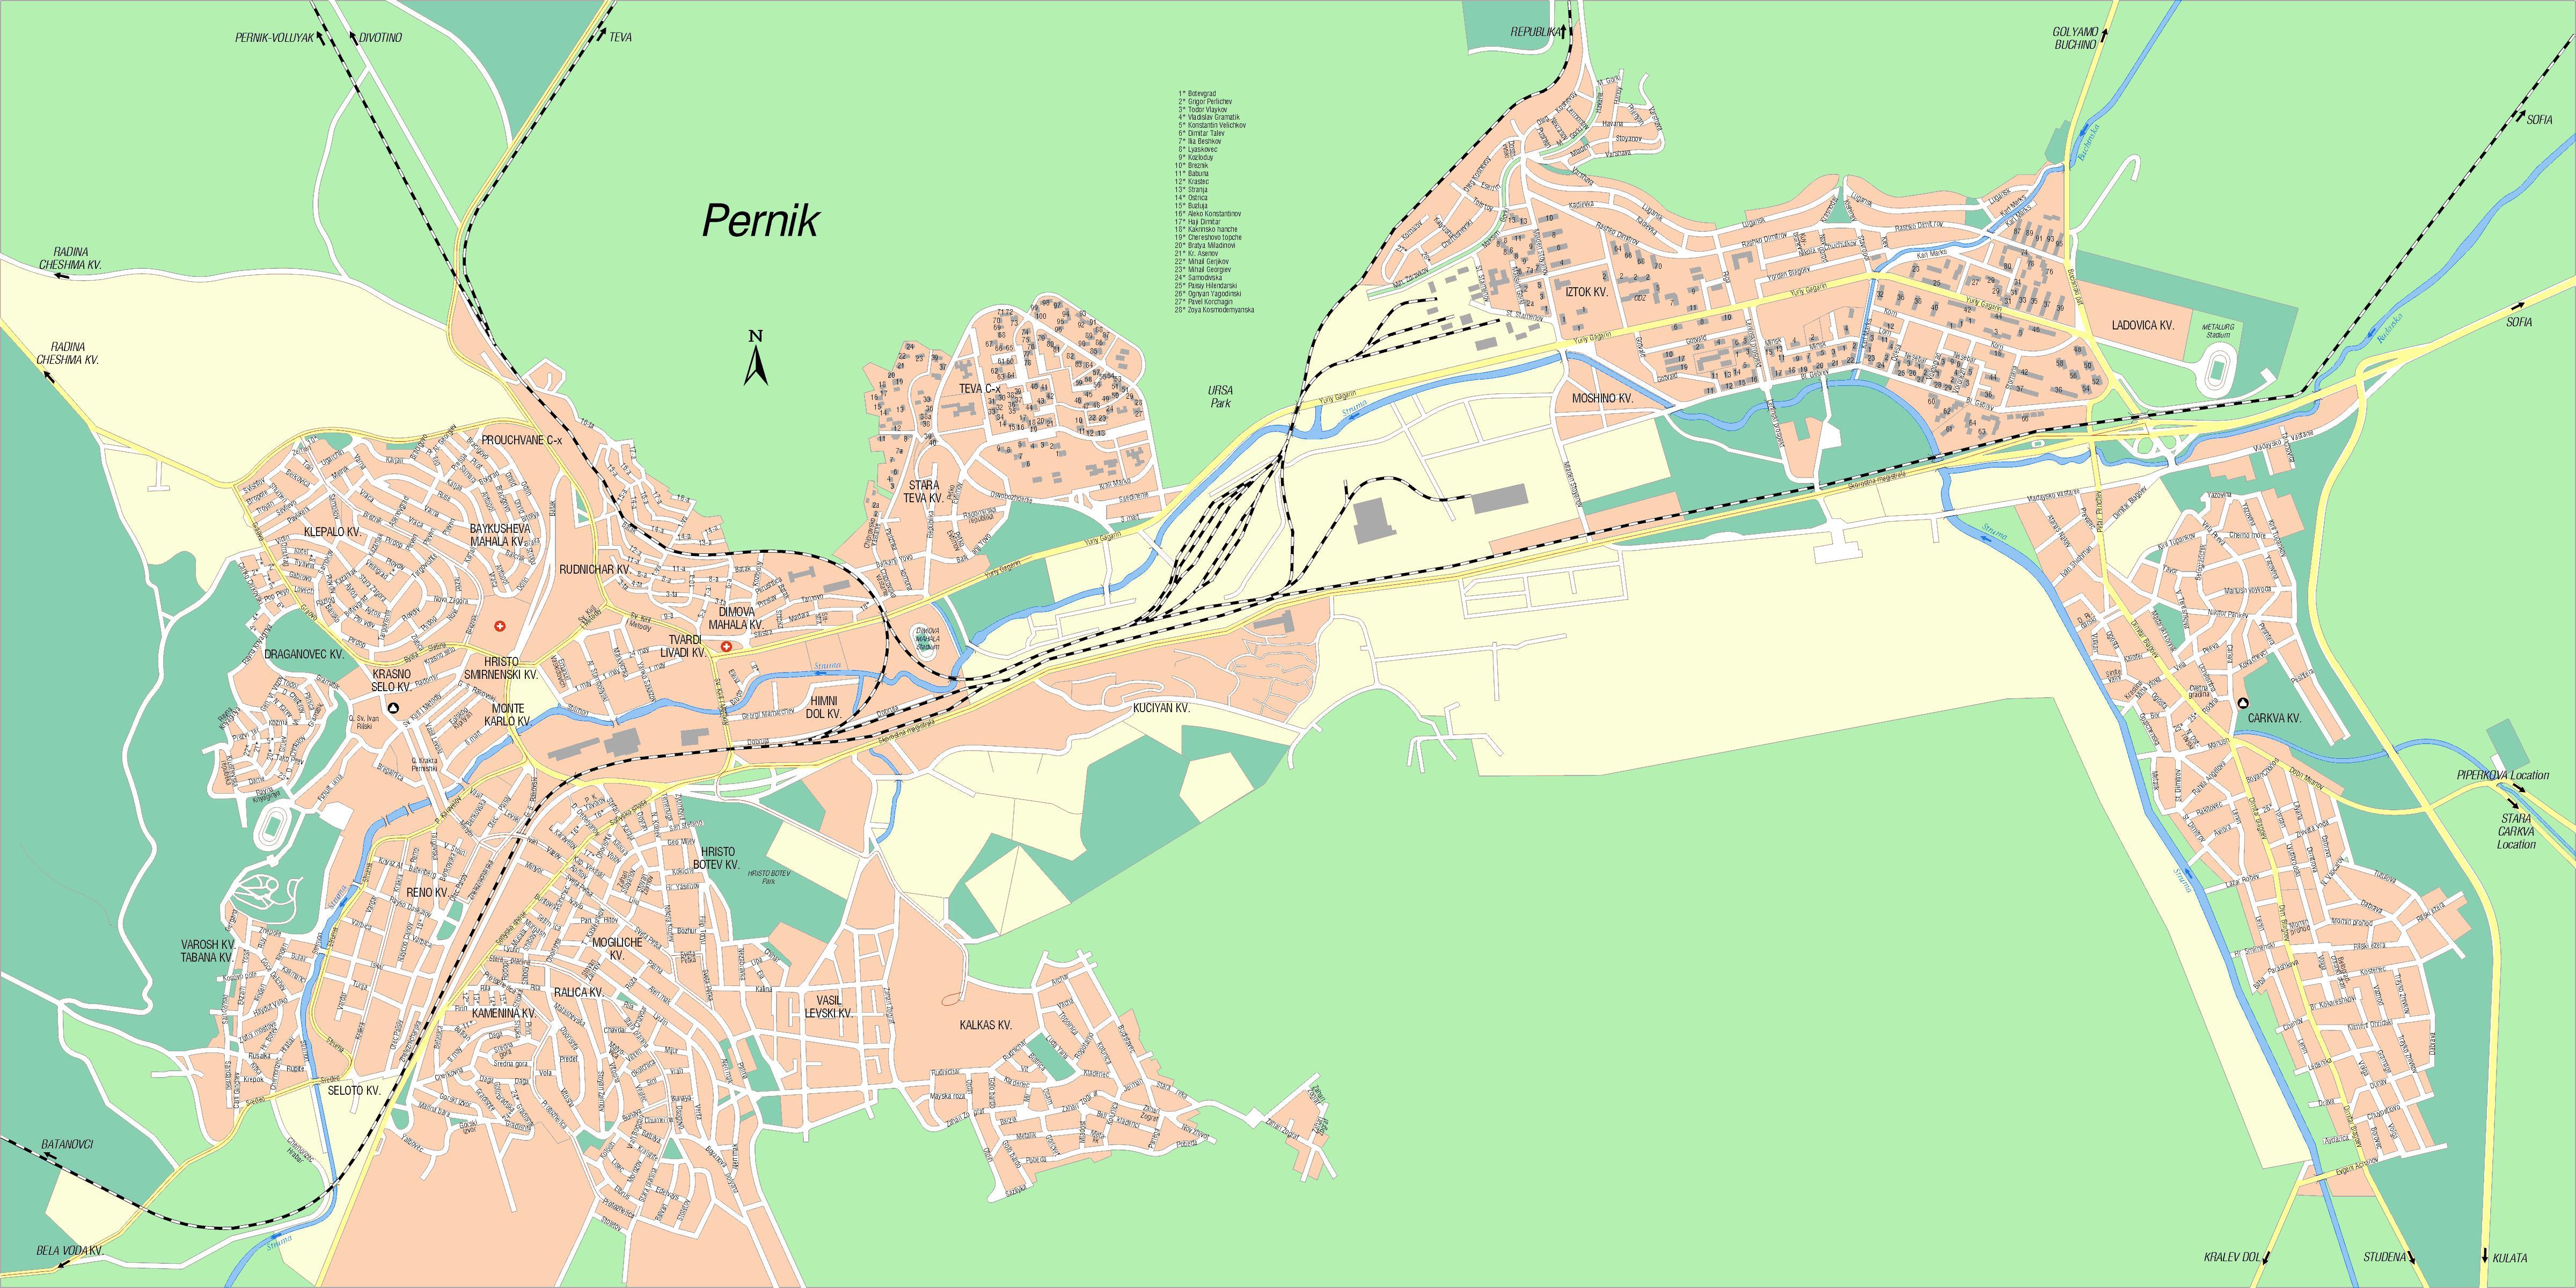 Karta Goroda Pernik 127 Pernikskaya Oblast Besplatno